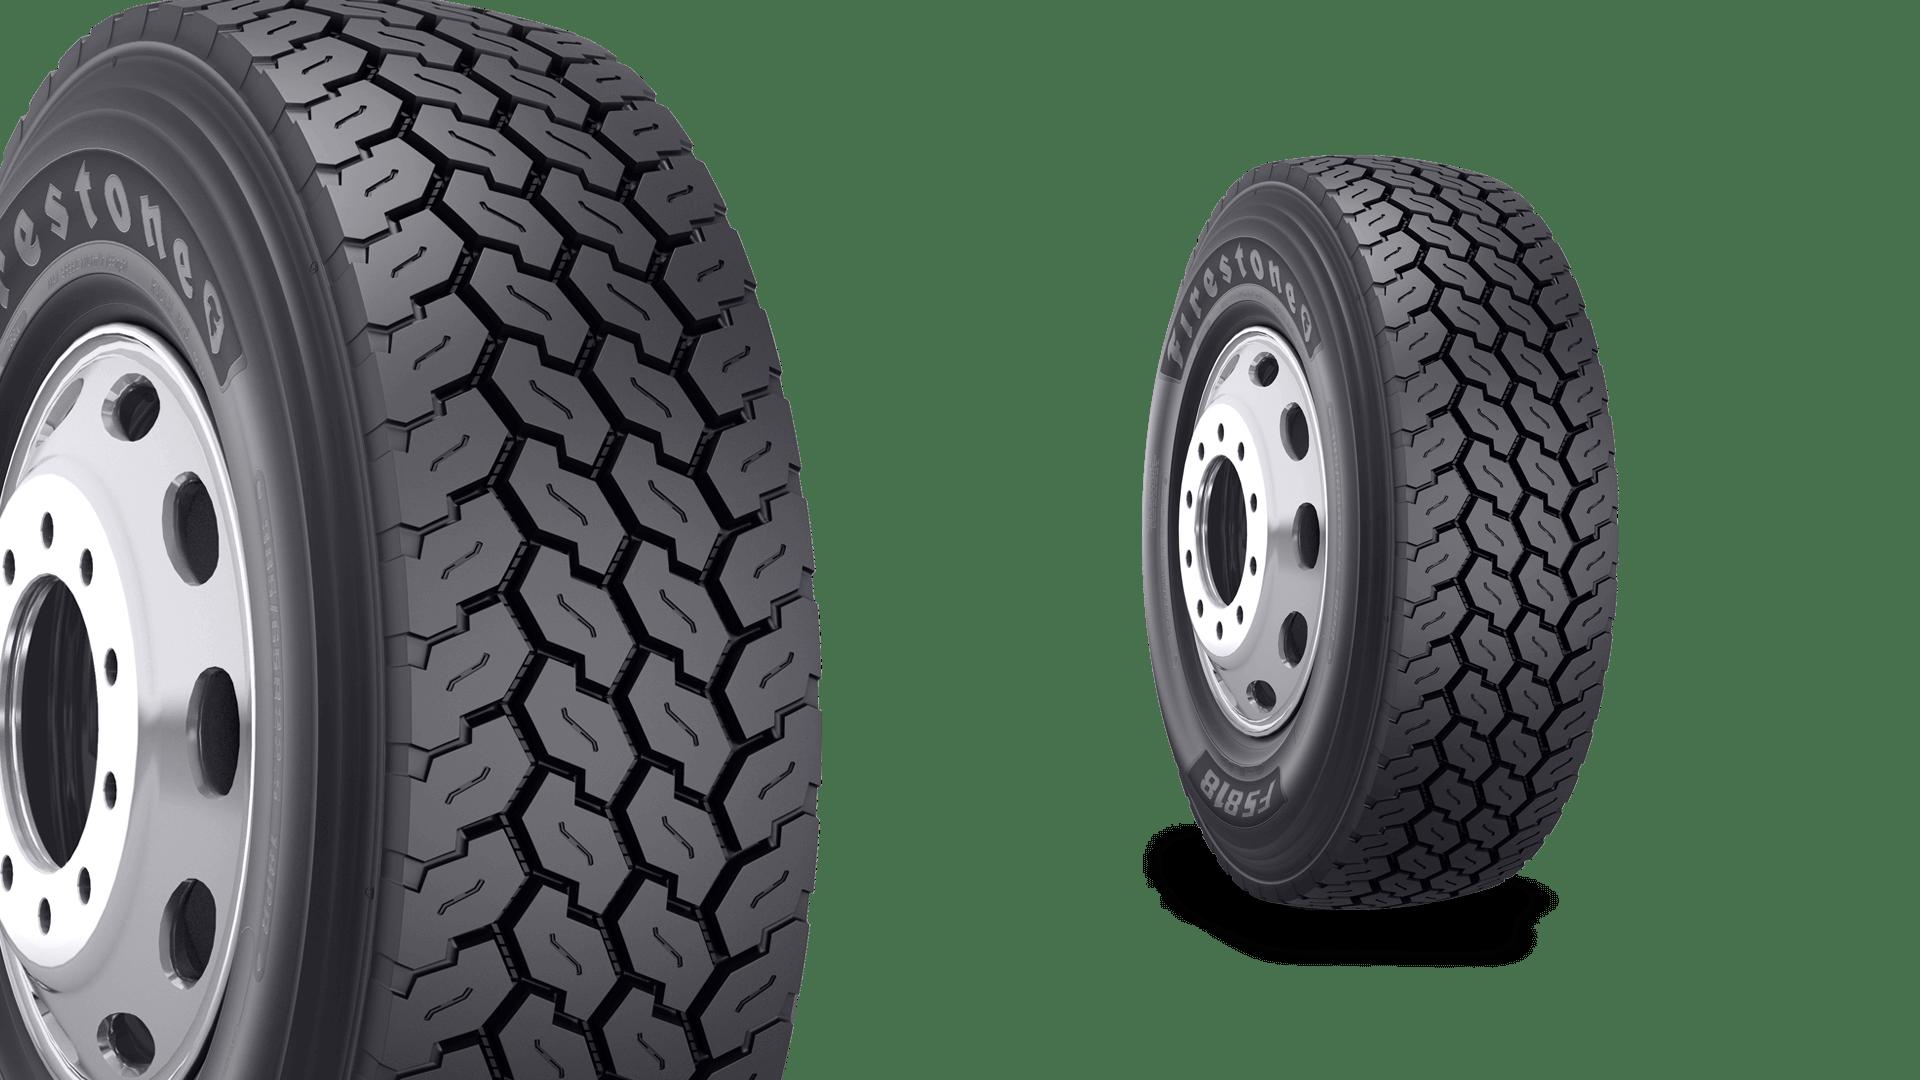 Bridgestone Americas выпускает новые грузовые шины Firestone FS818